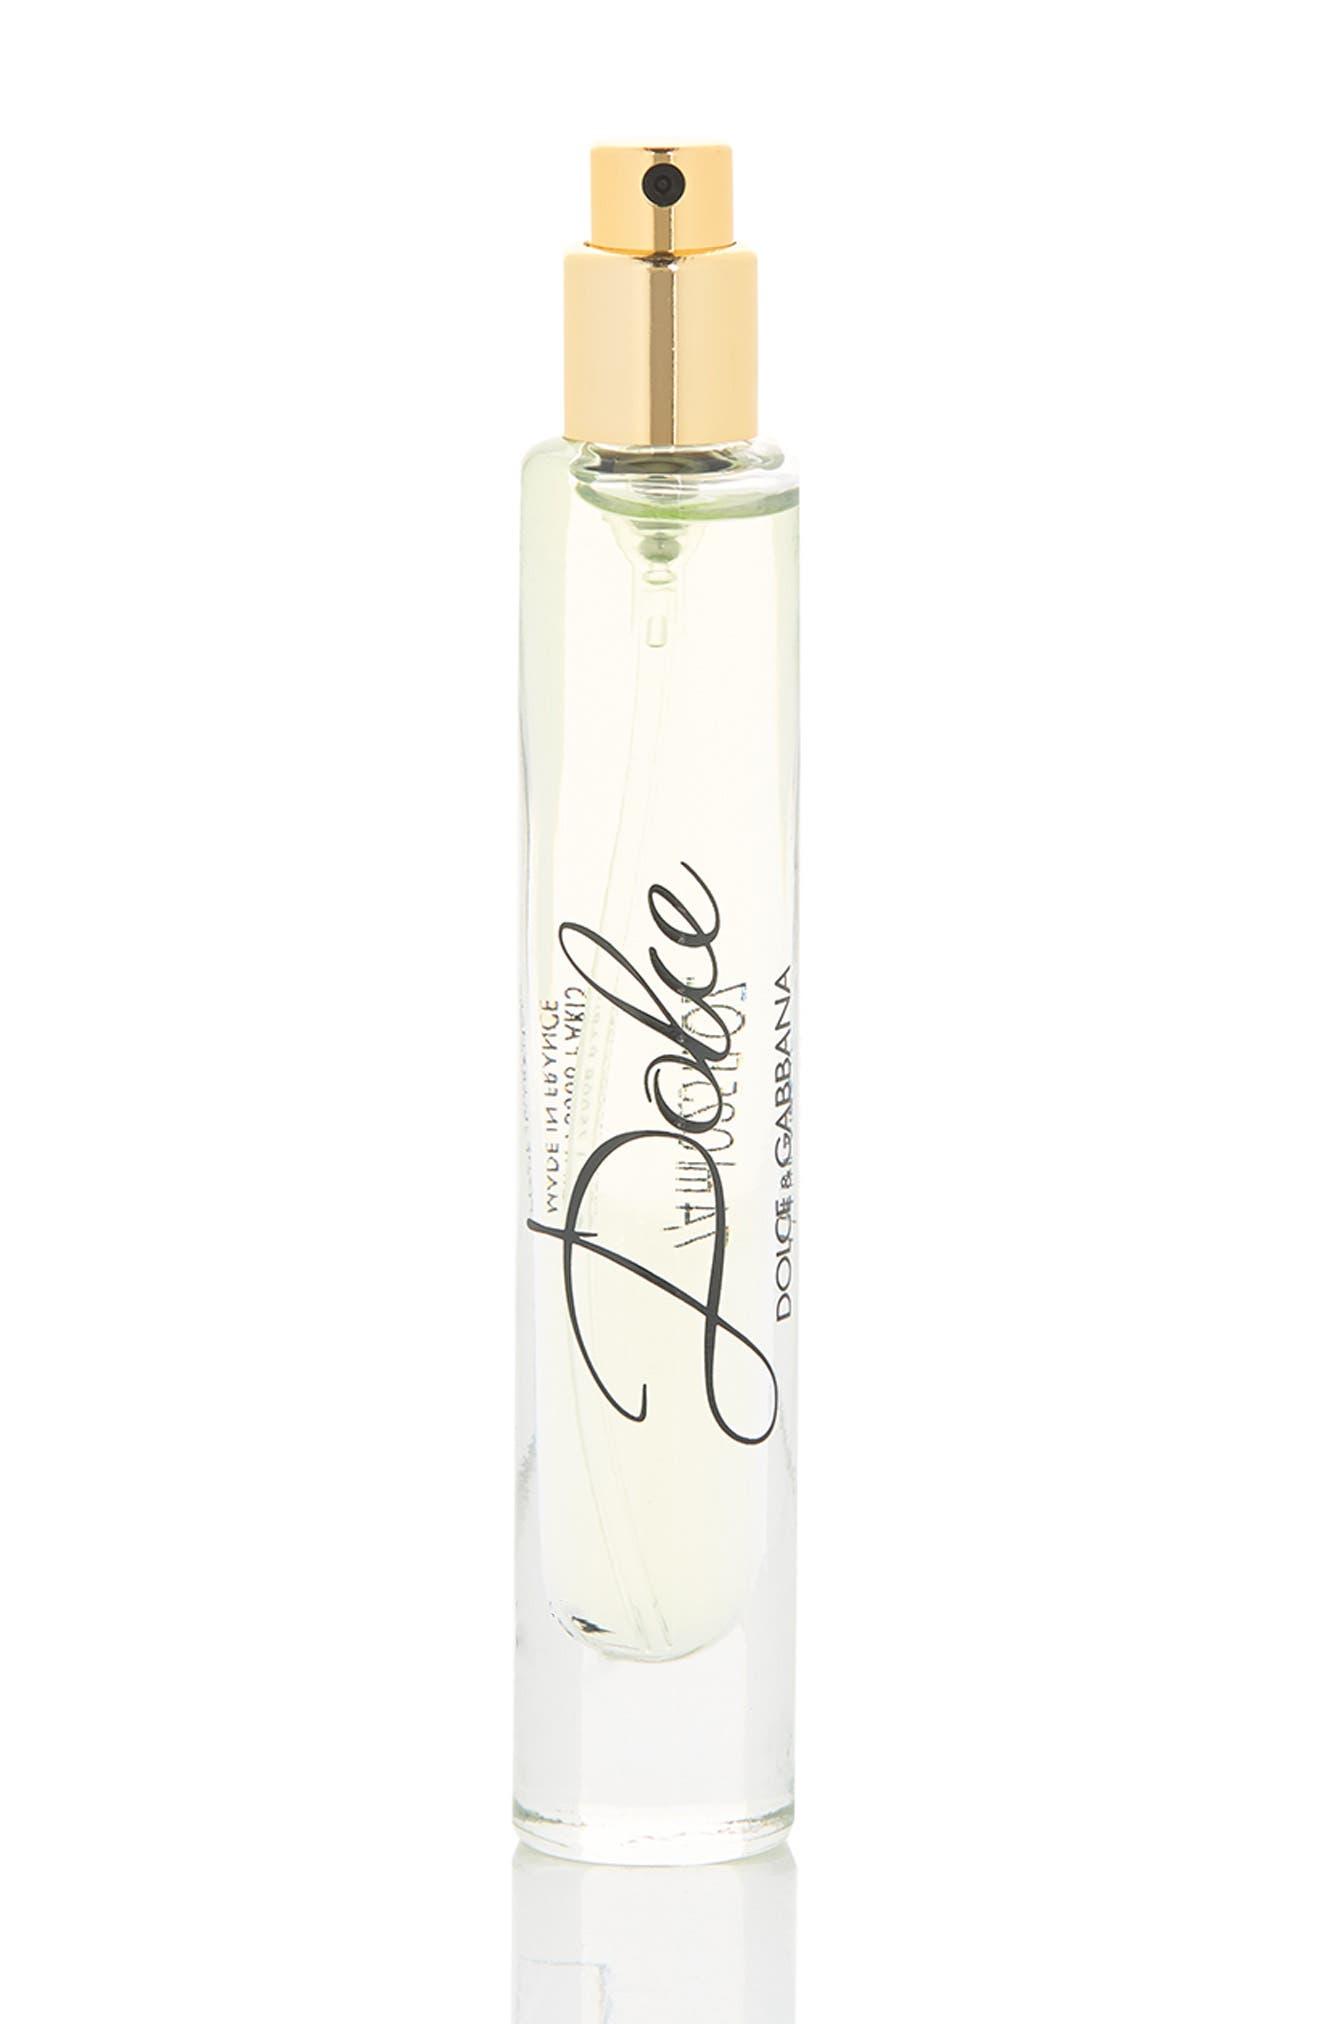 Image of Dolce & Gabbana Dolce Eau de Parfum - 7.4 ml.